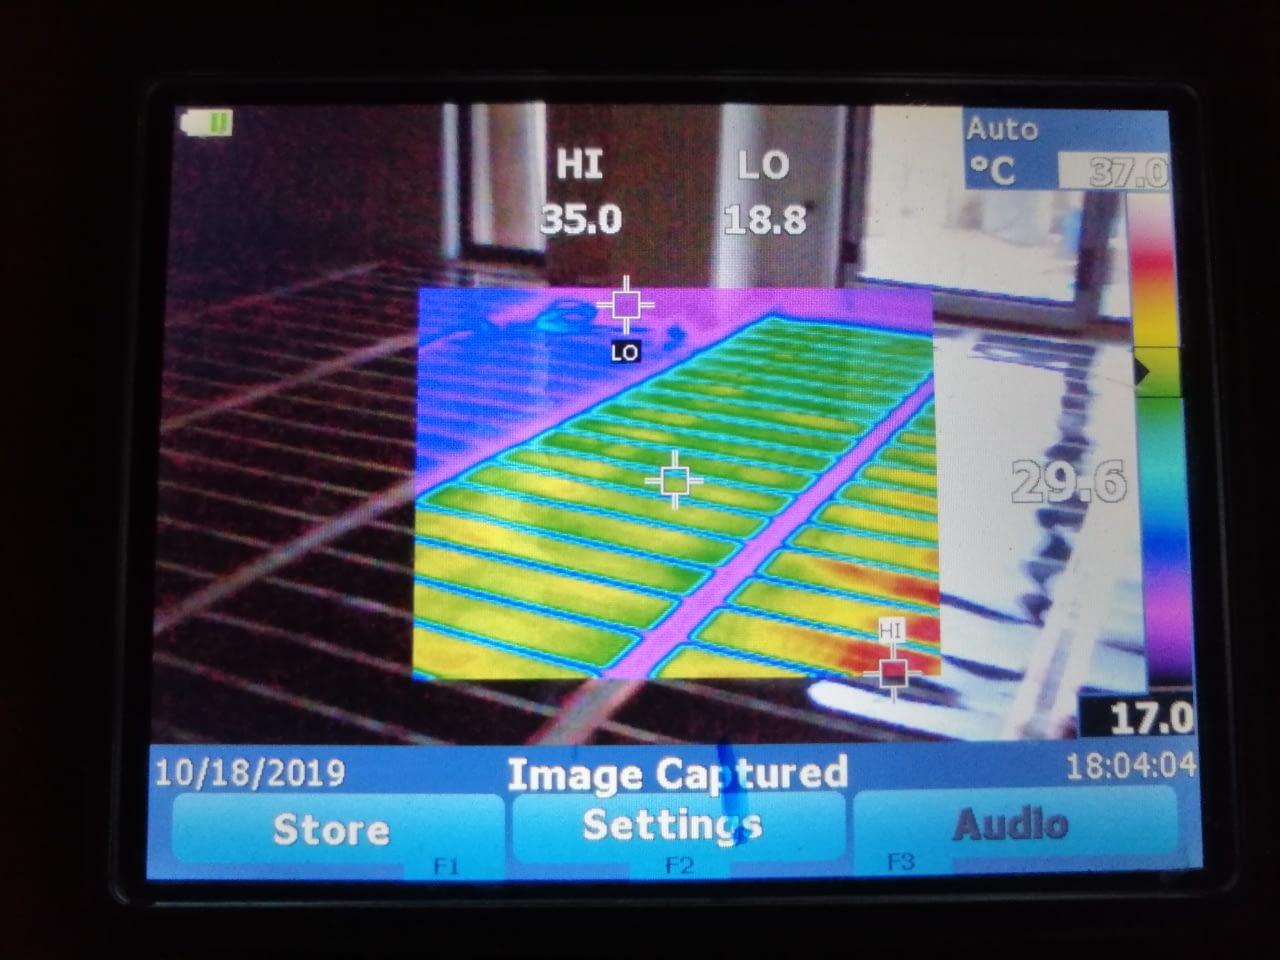 Infra padlófűtés kivietelezés orosháza (4)